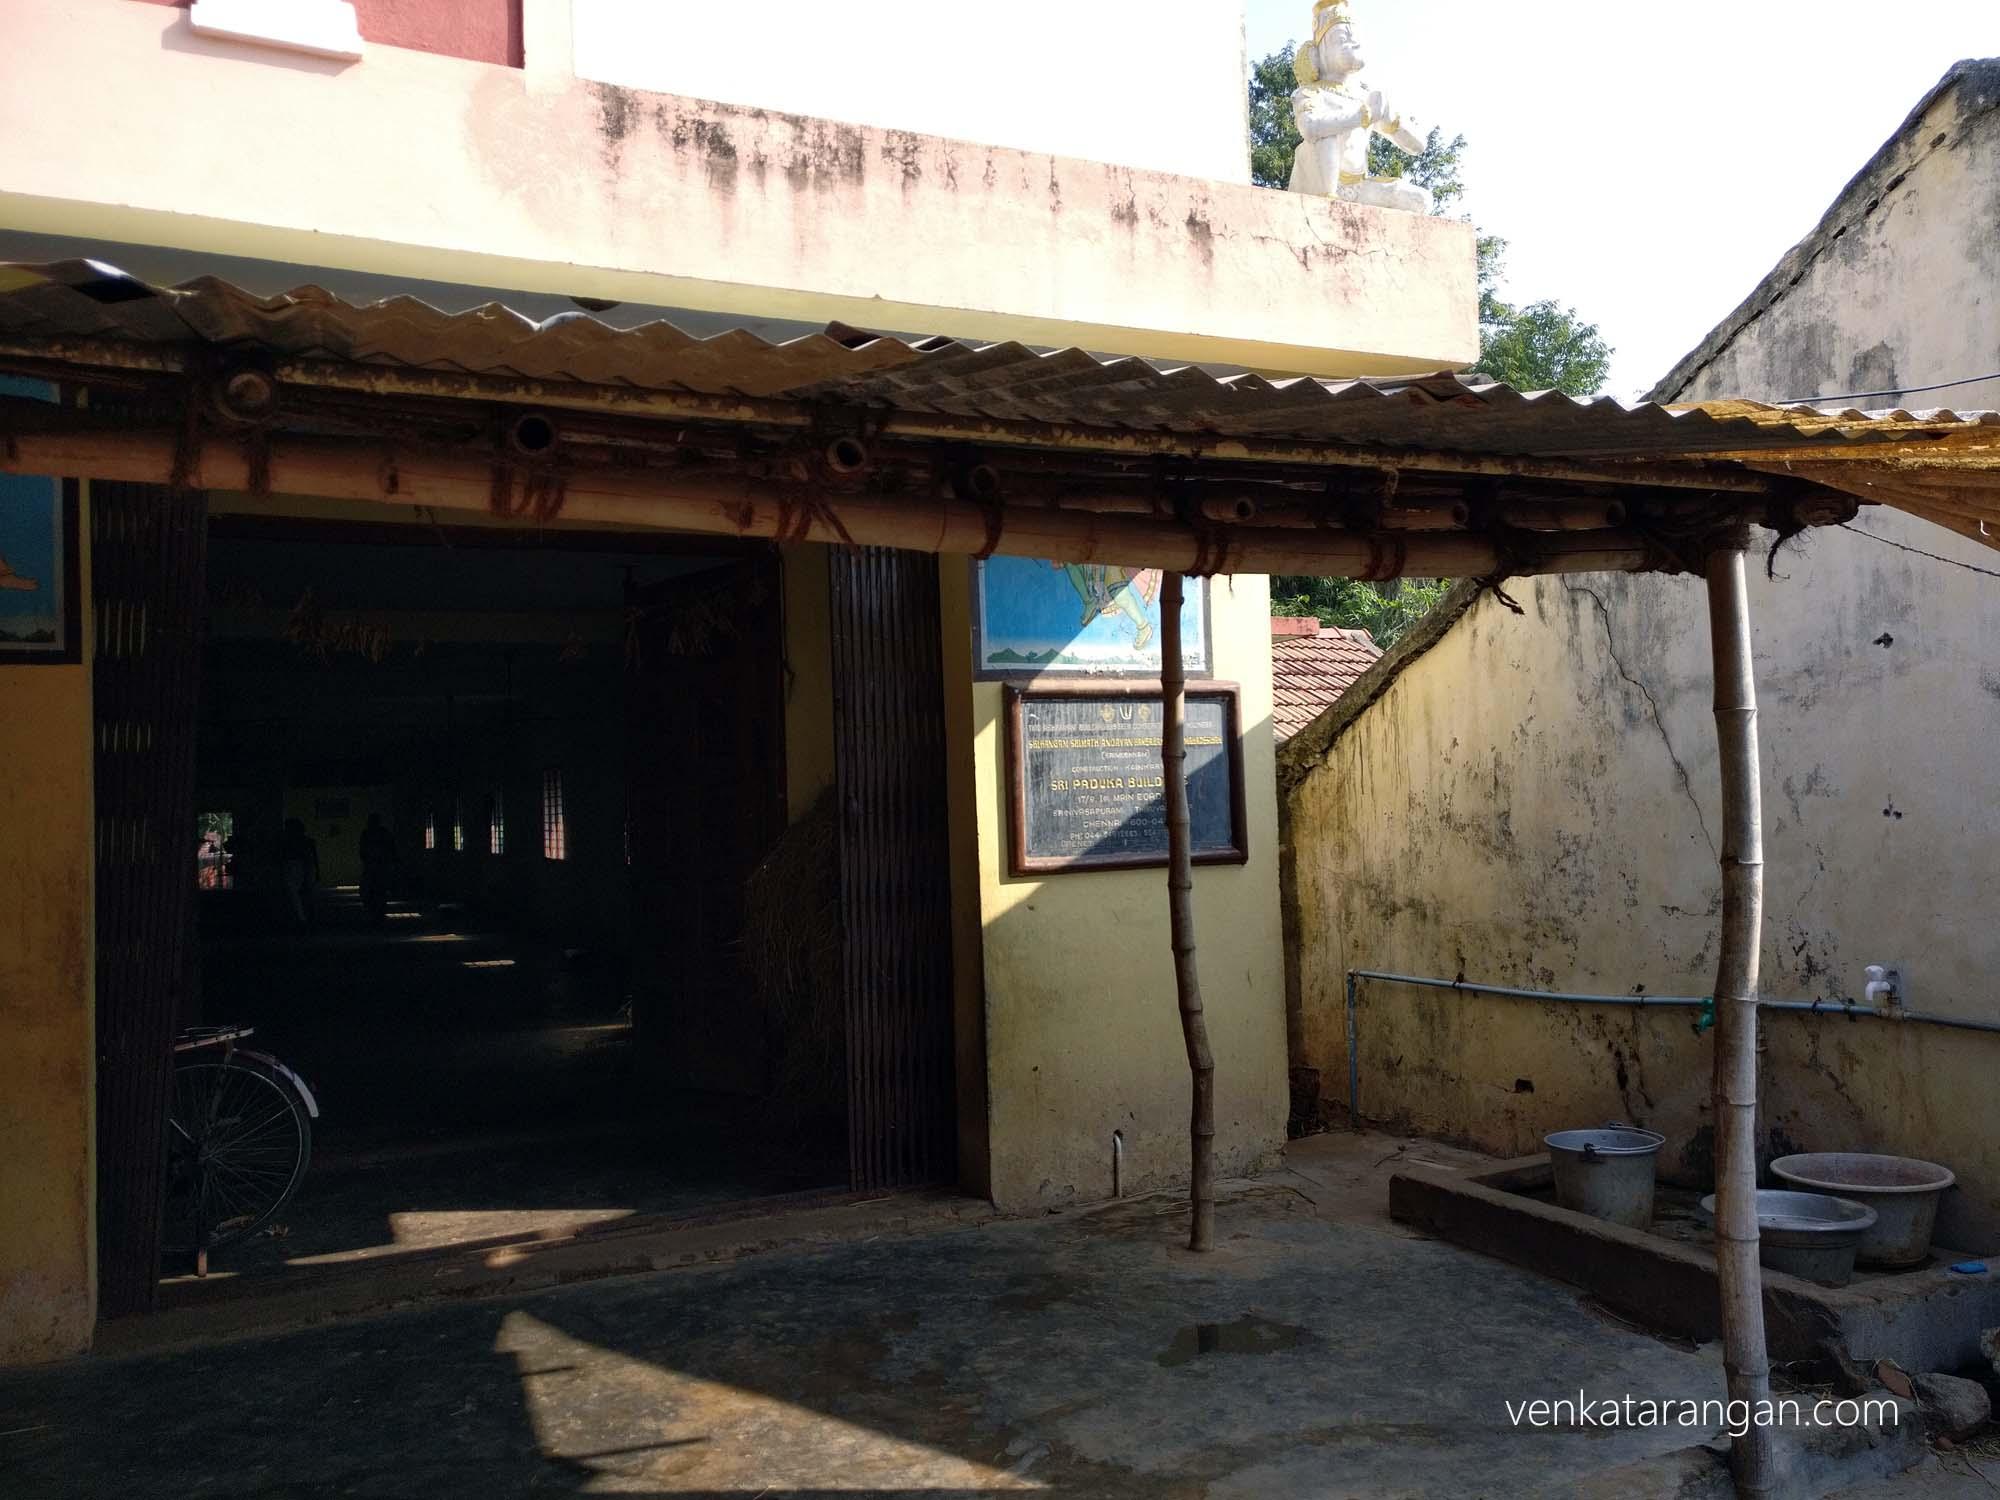 ஸ்ரீரங்கம் ஸ்ரீமத் ஆண்டவன் ஆசிரமம், ஸ்ரீமுஷ்ணம், தமிழ்நாடு